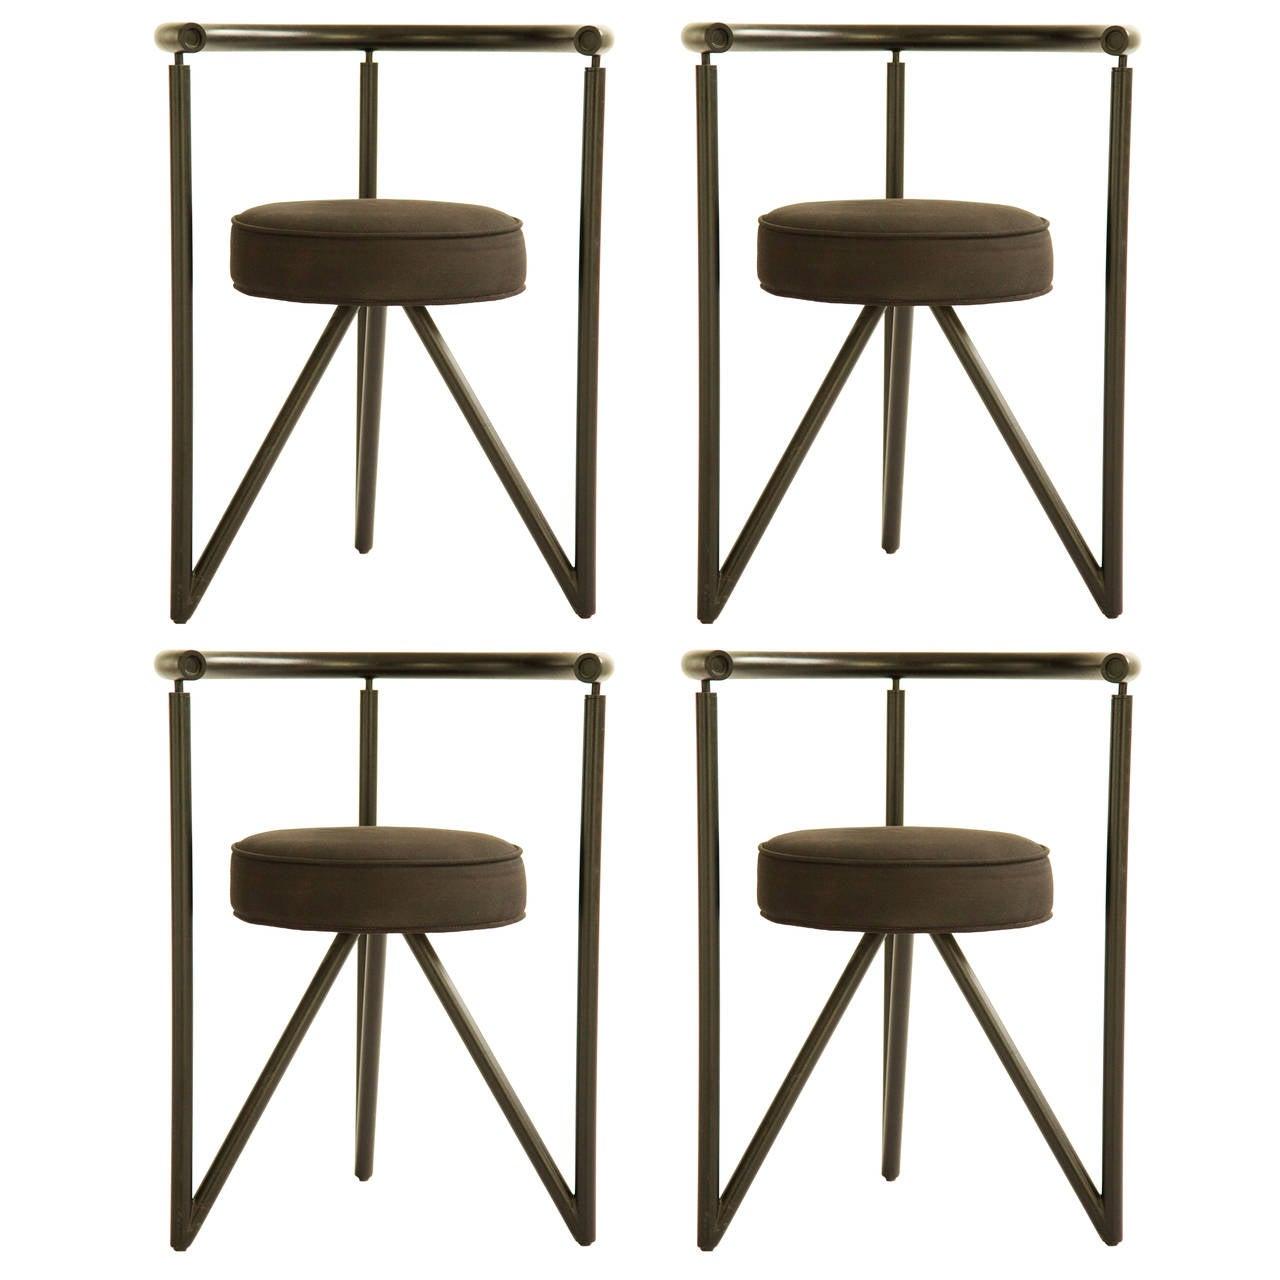 Philippe Starck Chairs